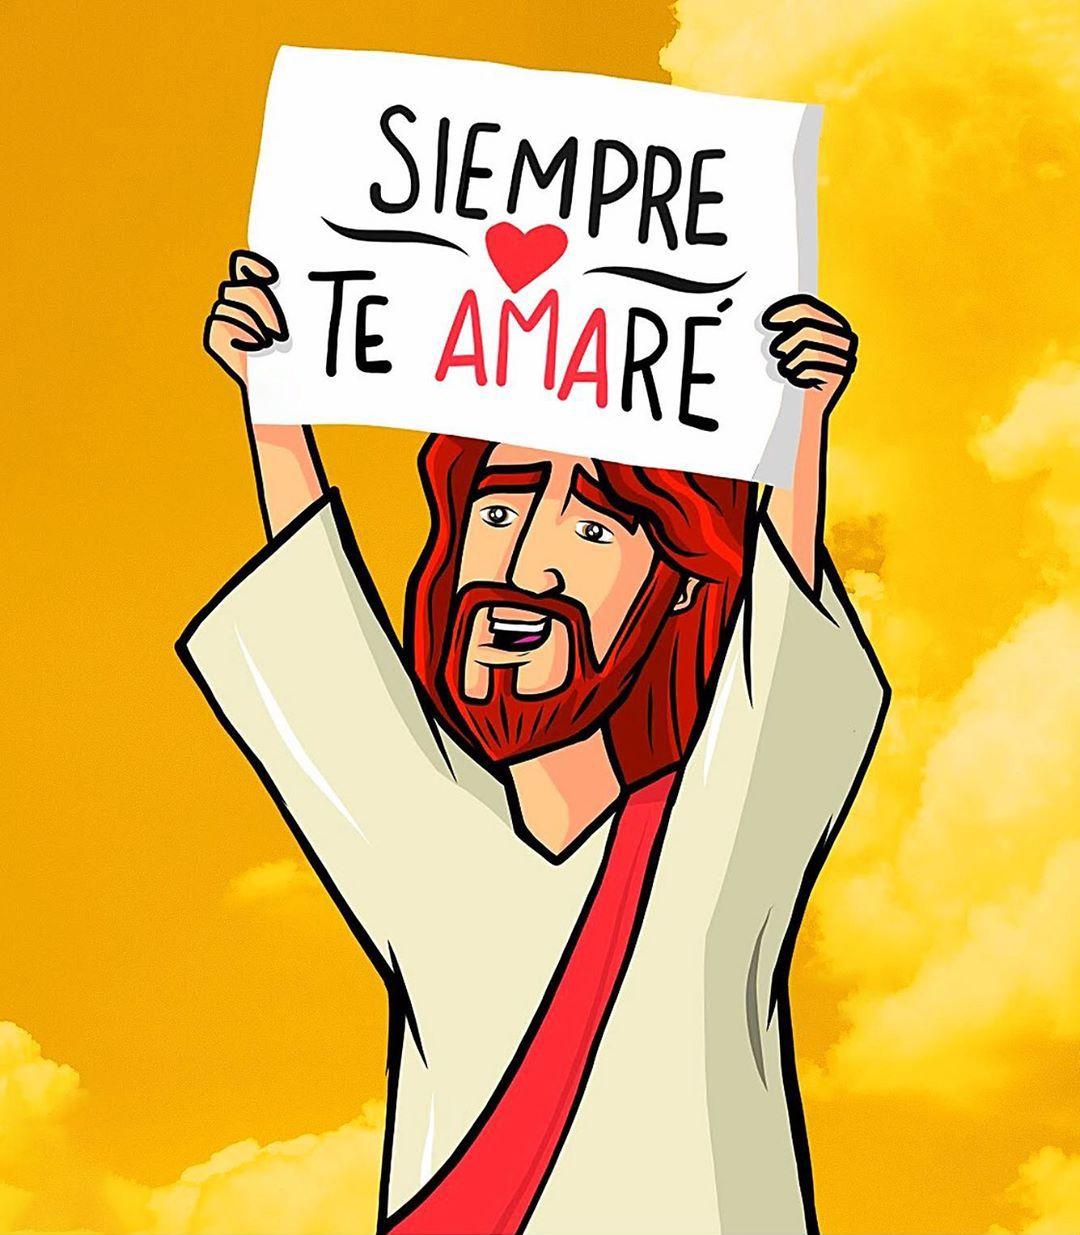 Jesus Oracion Espiritusanto God Cristo Teamare En 2020 Dios Hablame Frases Cristianas Dios Padre